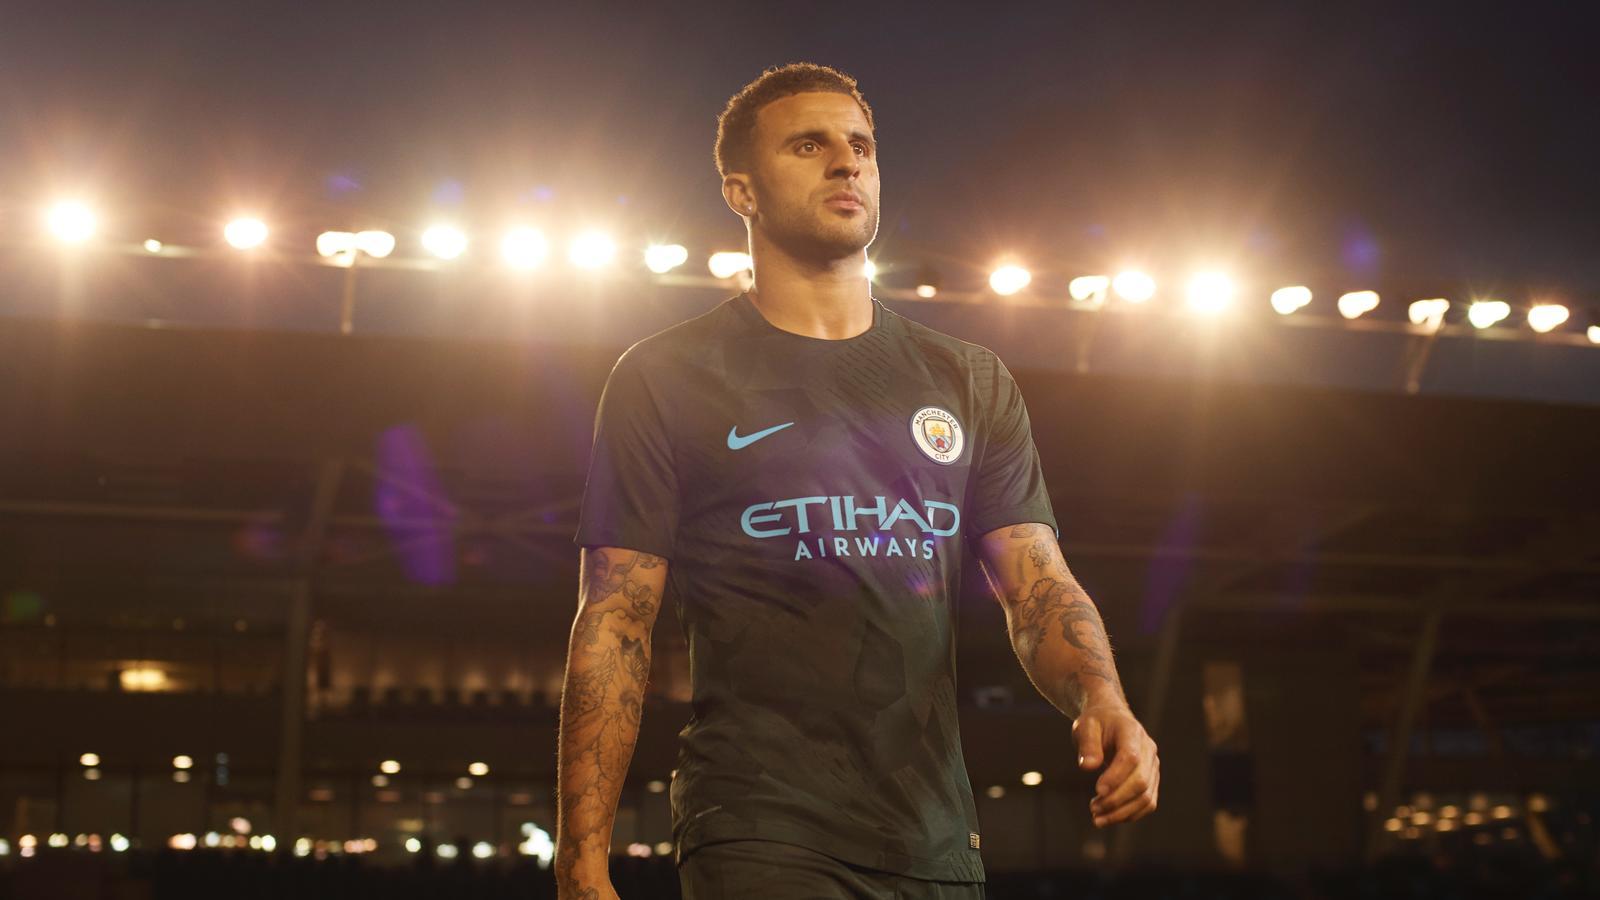 Manchester City Ucl Home Stadium Shirt